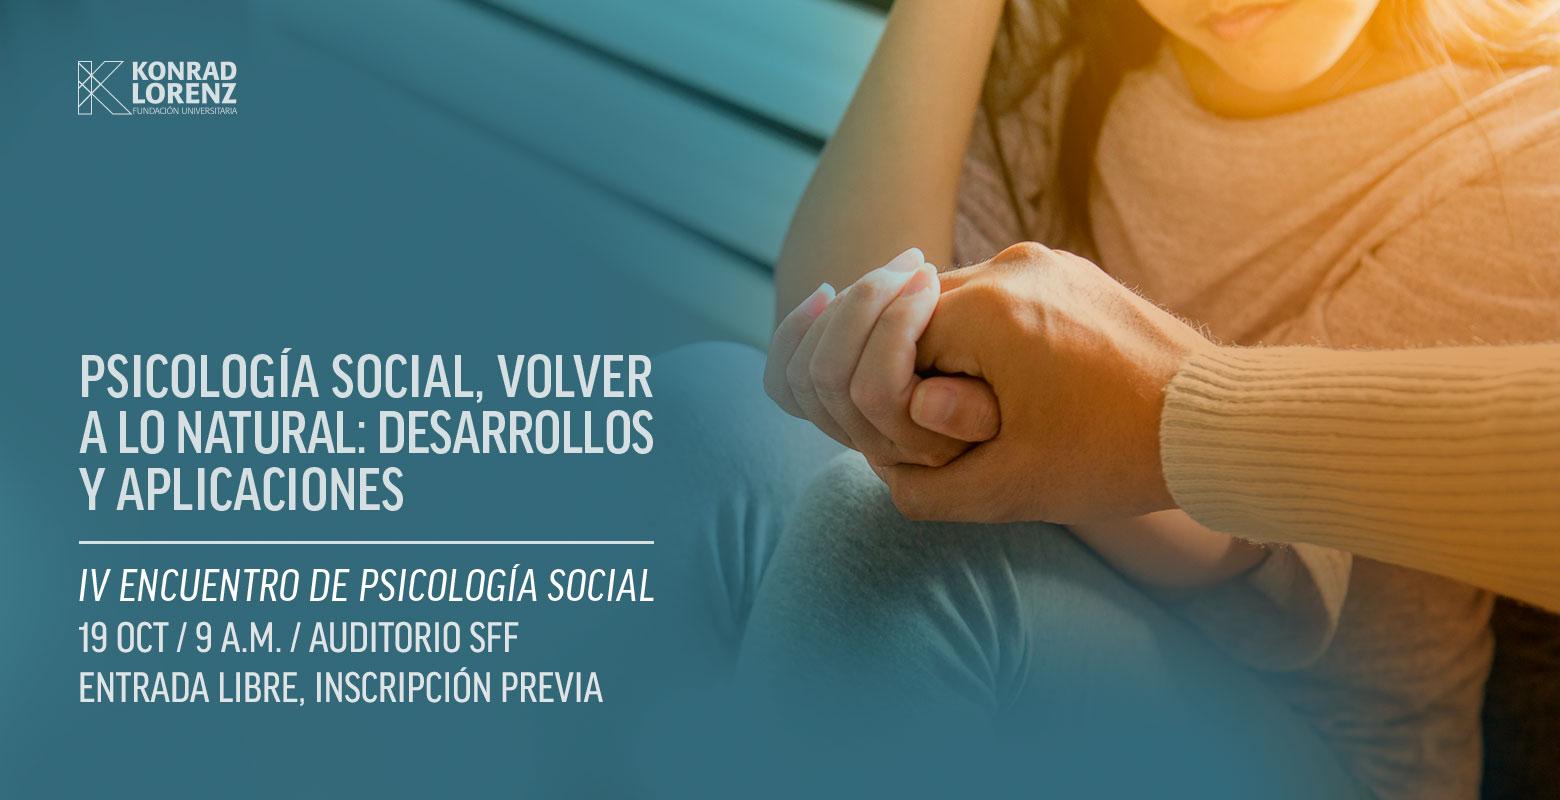 """IV Encuentro de Psicología Social: """"Psicología social, volver a lo natural, desarrollos y aplicaciones"""""""